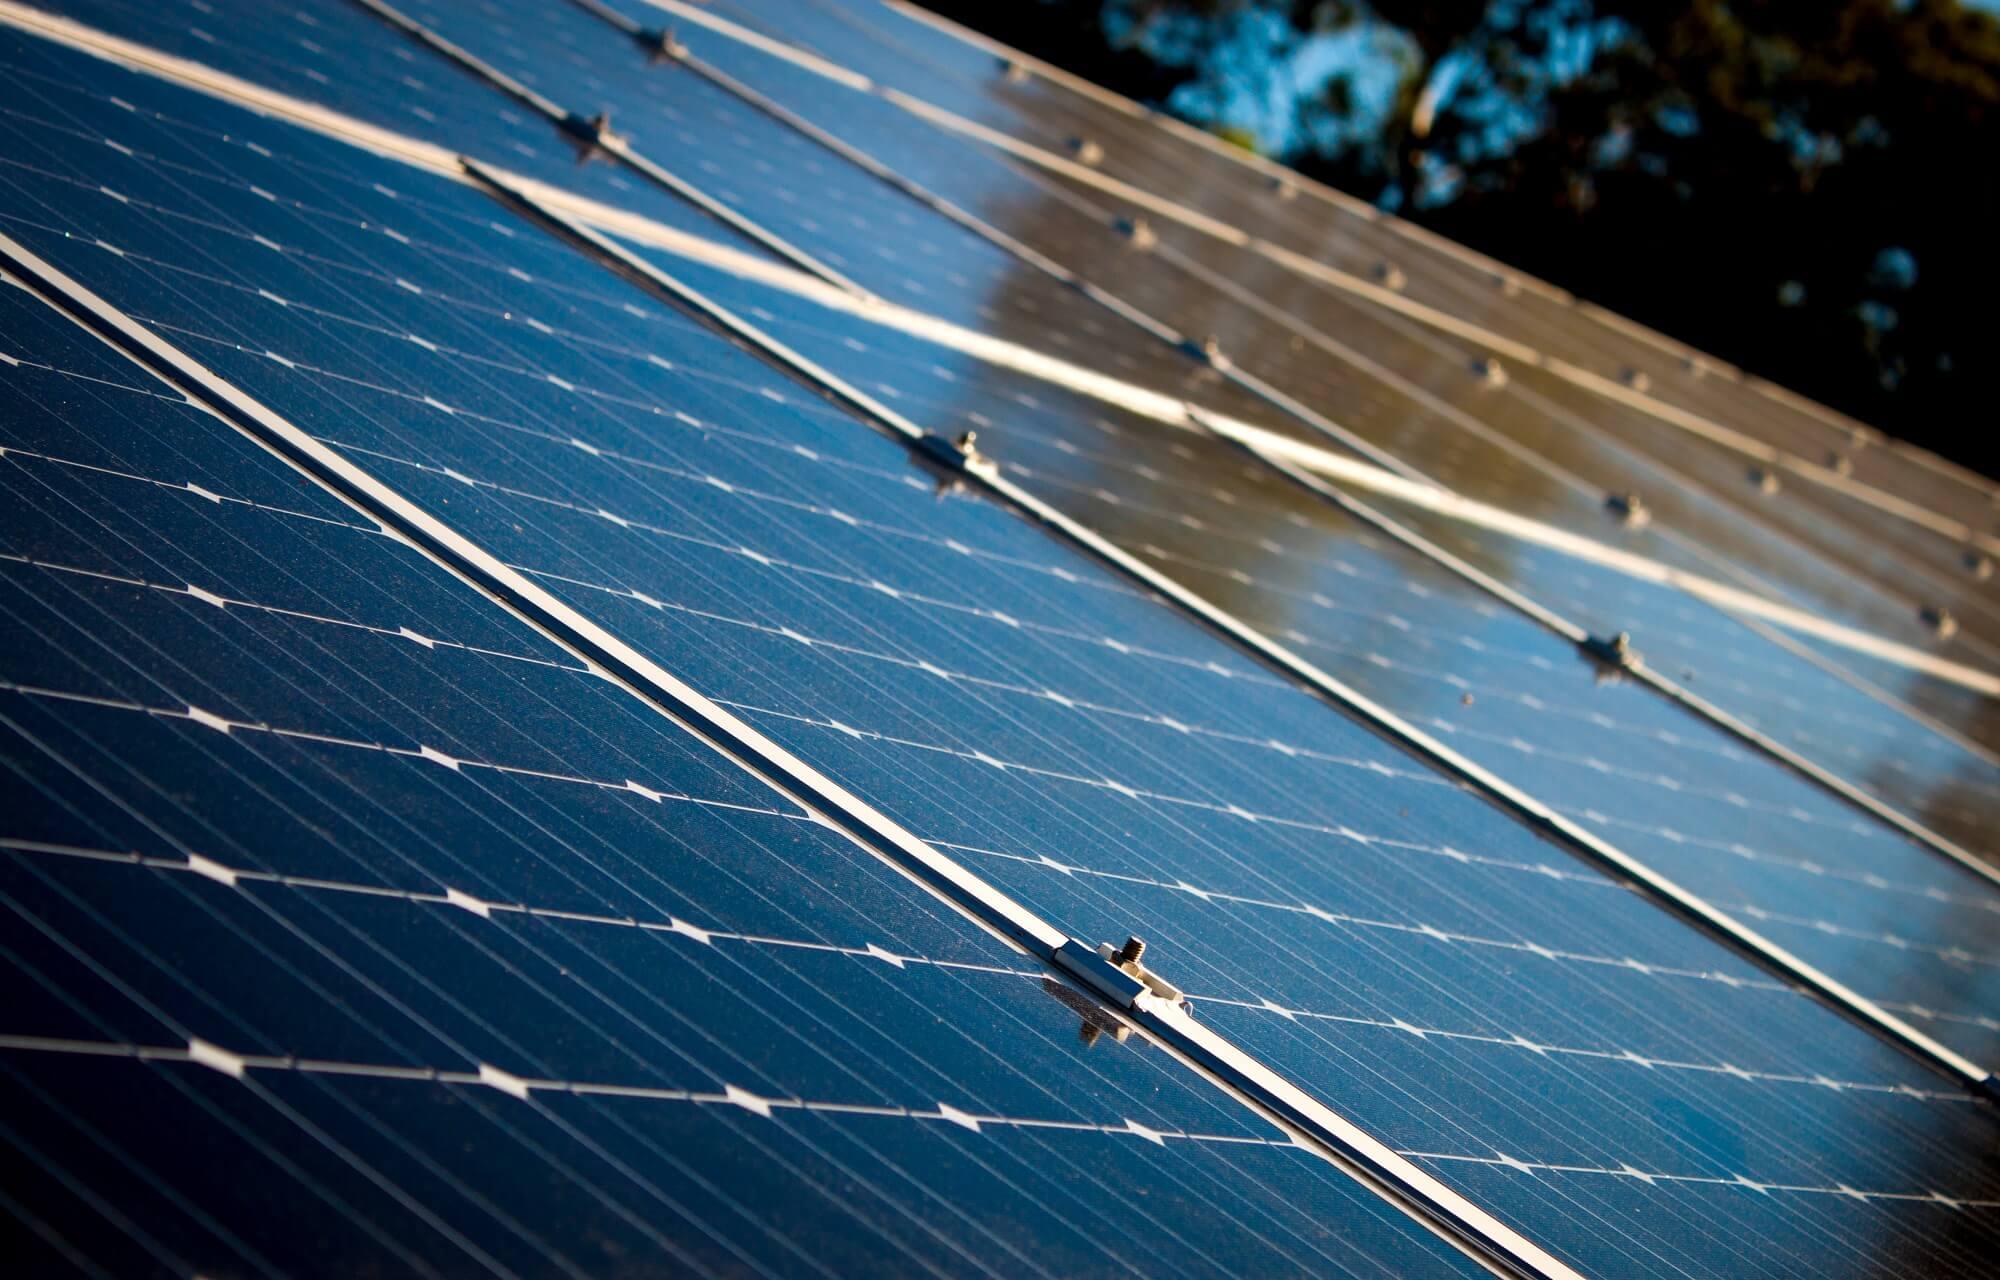 Wek uw eigen energie op met zonnepanelen - Veba Zonnestroom